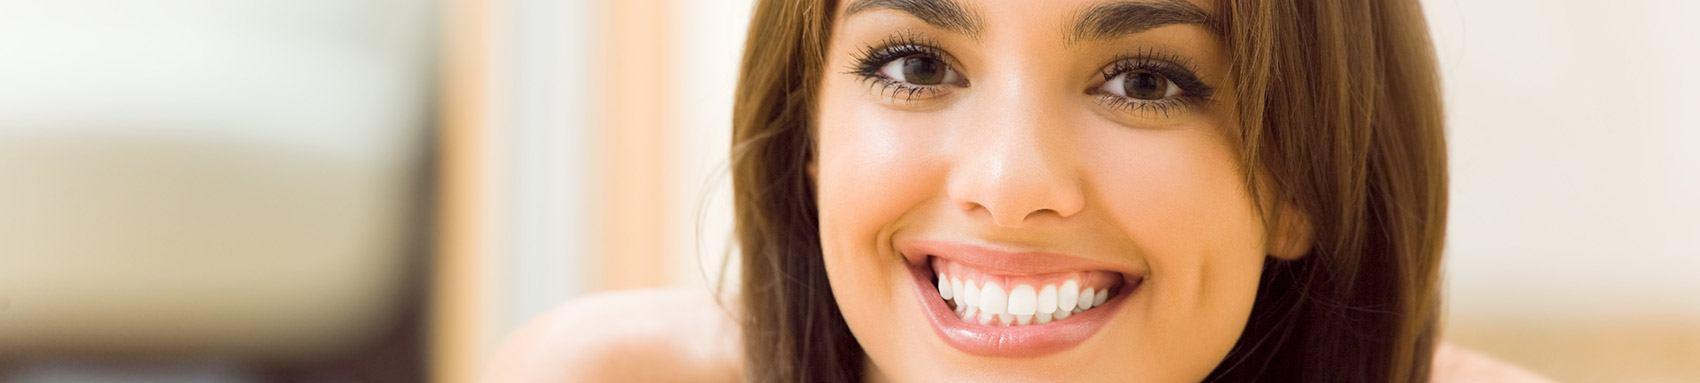 Teeth Whitening - Earl E Gaball DDS